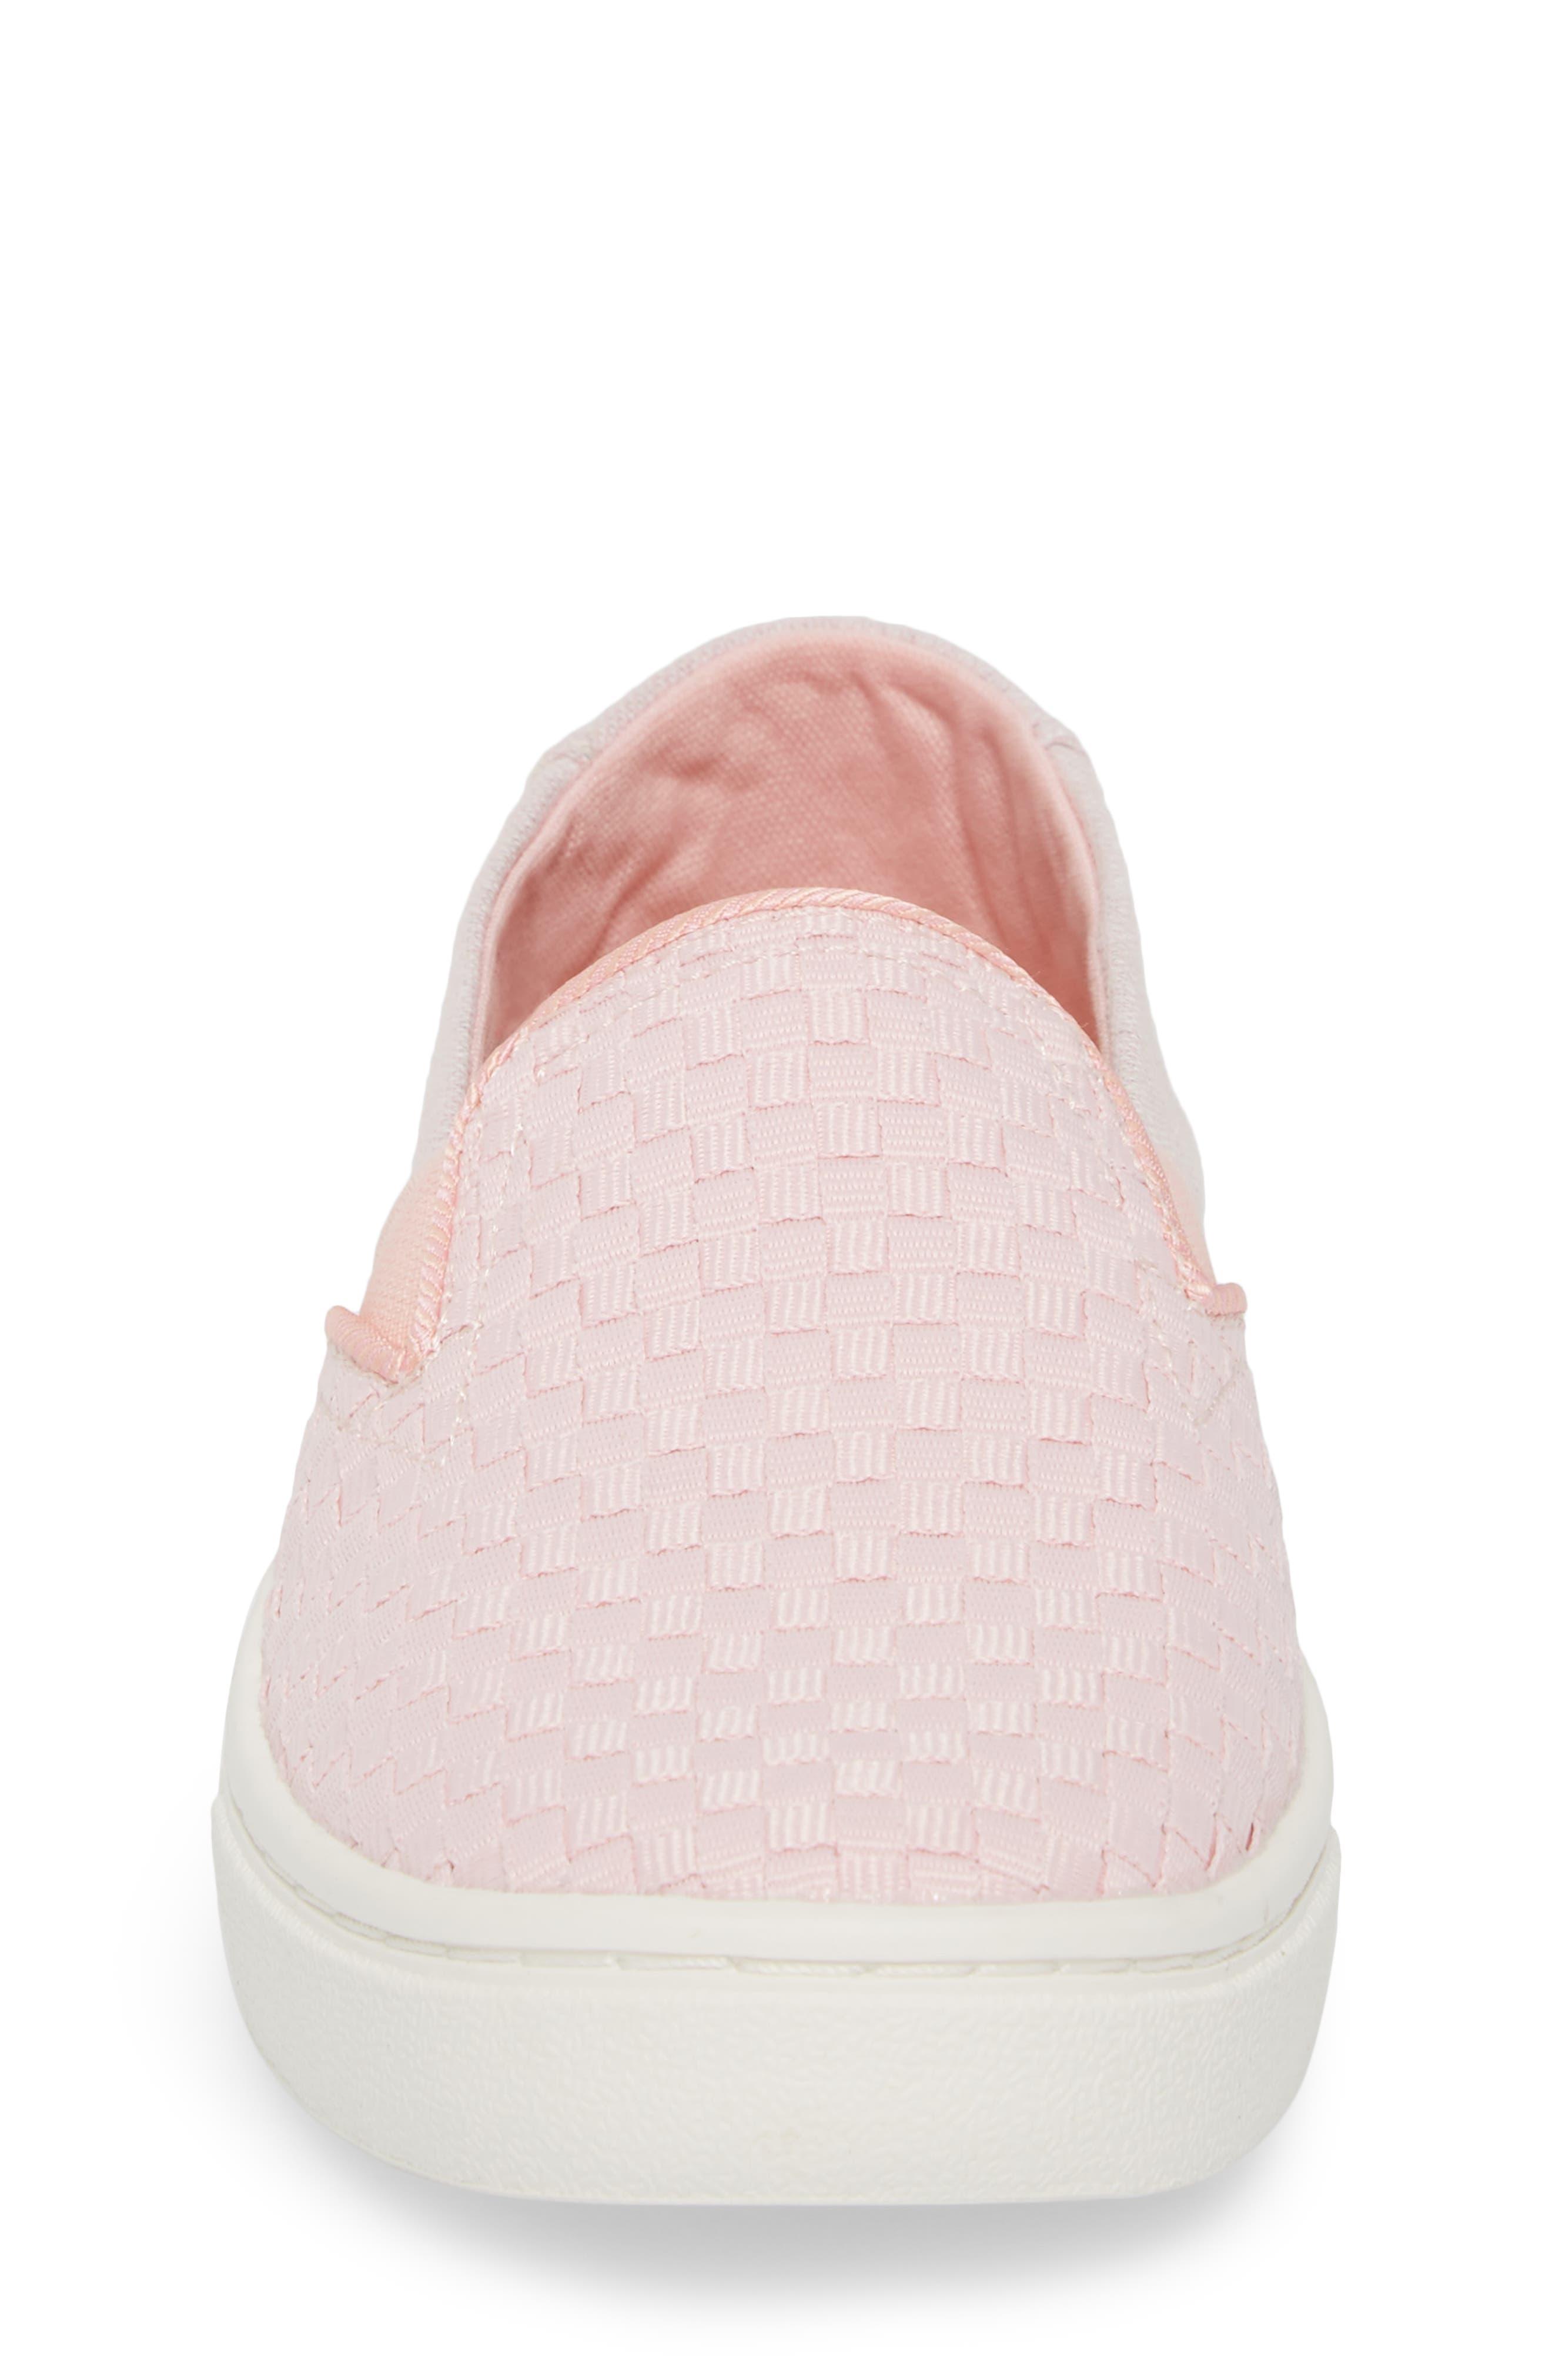 Luca Slip-On Sneaker,                             Alternate thumbnail 4, color,                             Blossom Basketweave